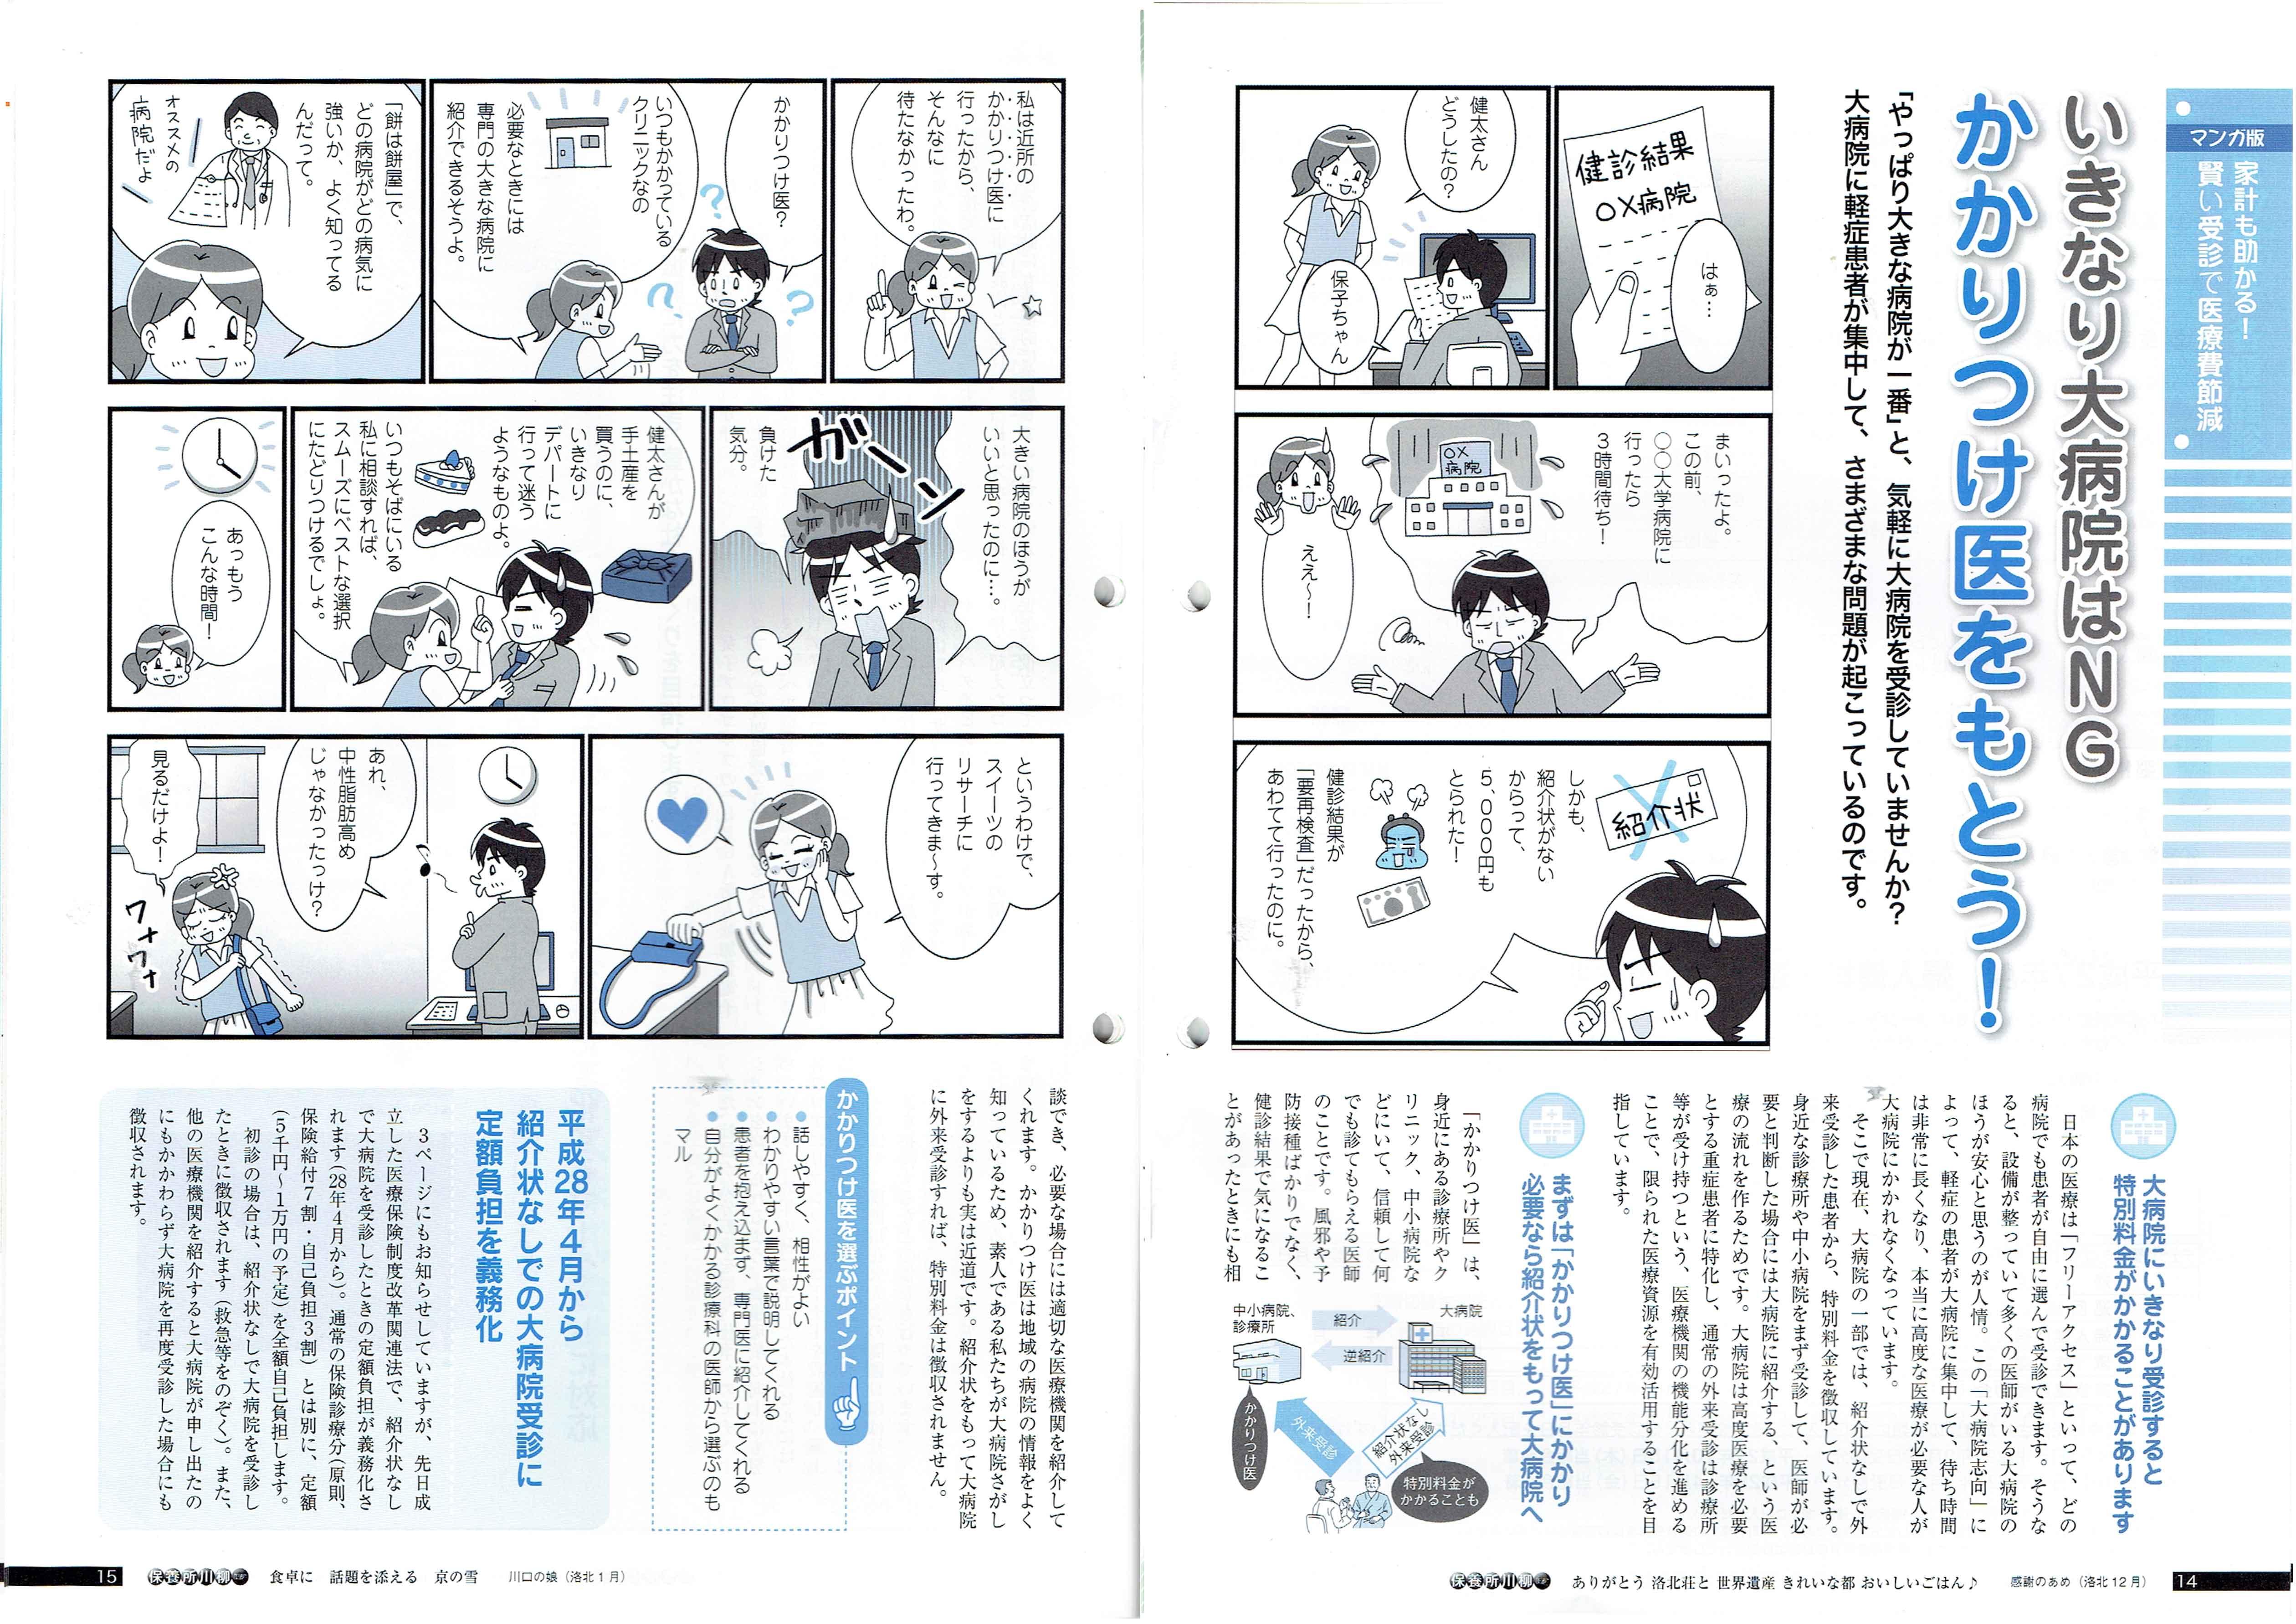 都 組合 東京 保険 電機 健康